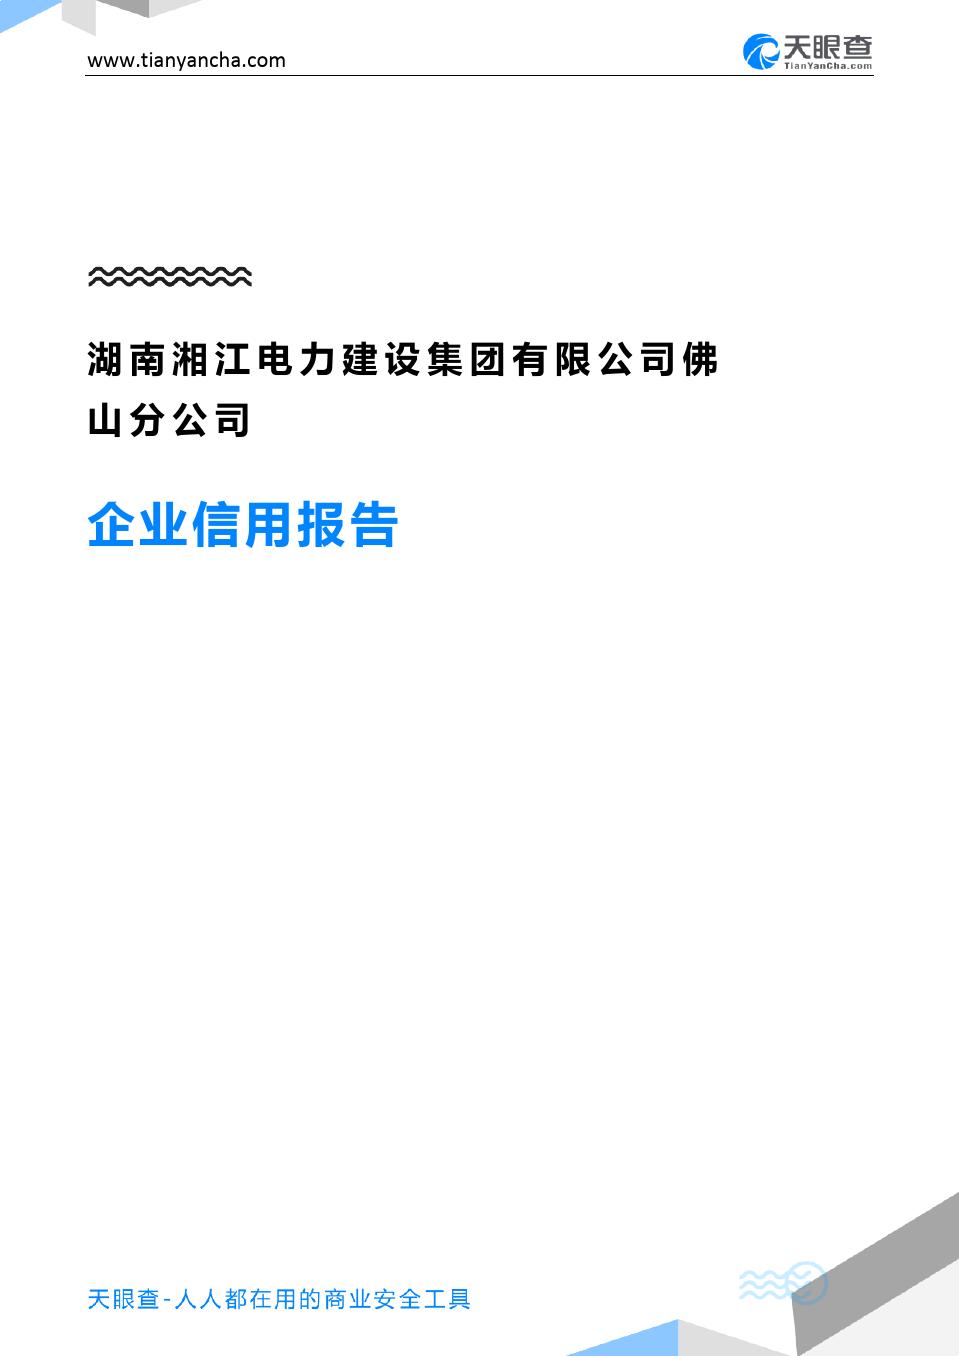 湖南湘江电力建设集团有限公司佛山分公司企业信用报告-天眼查